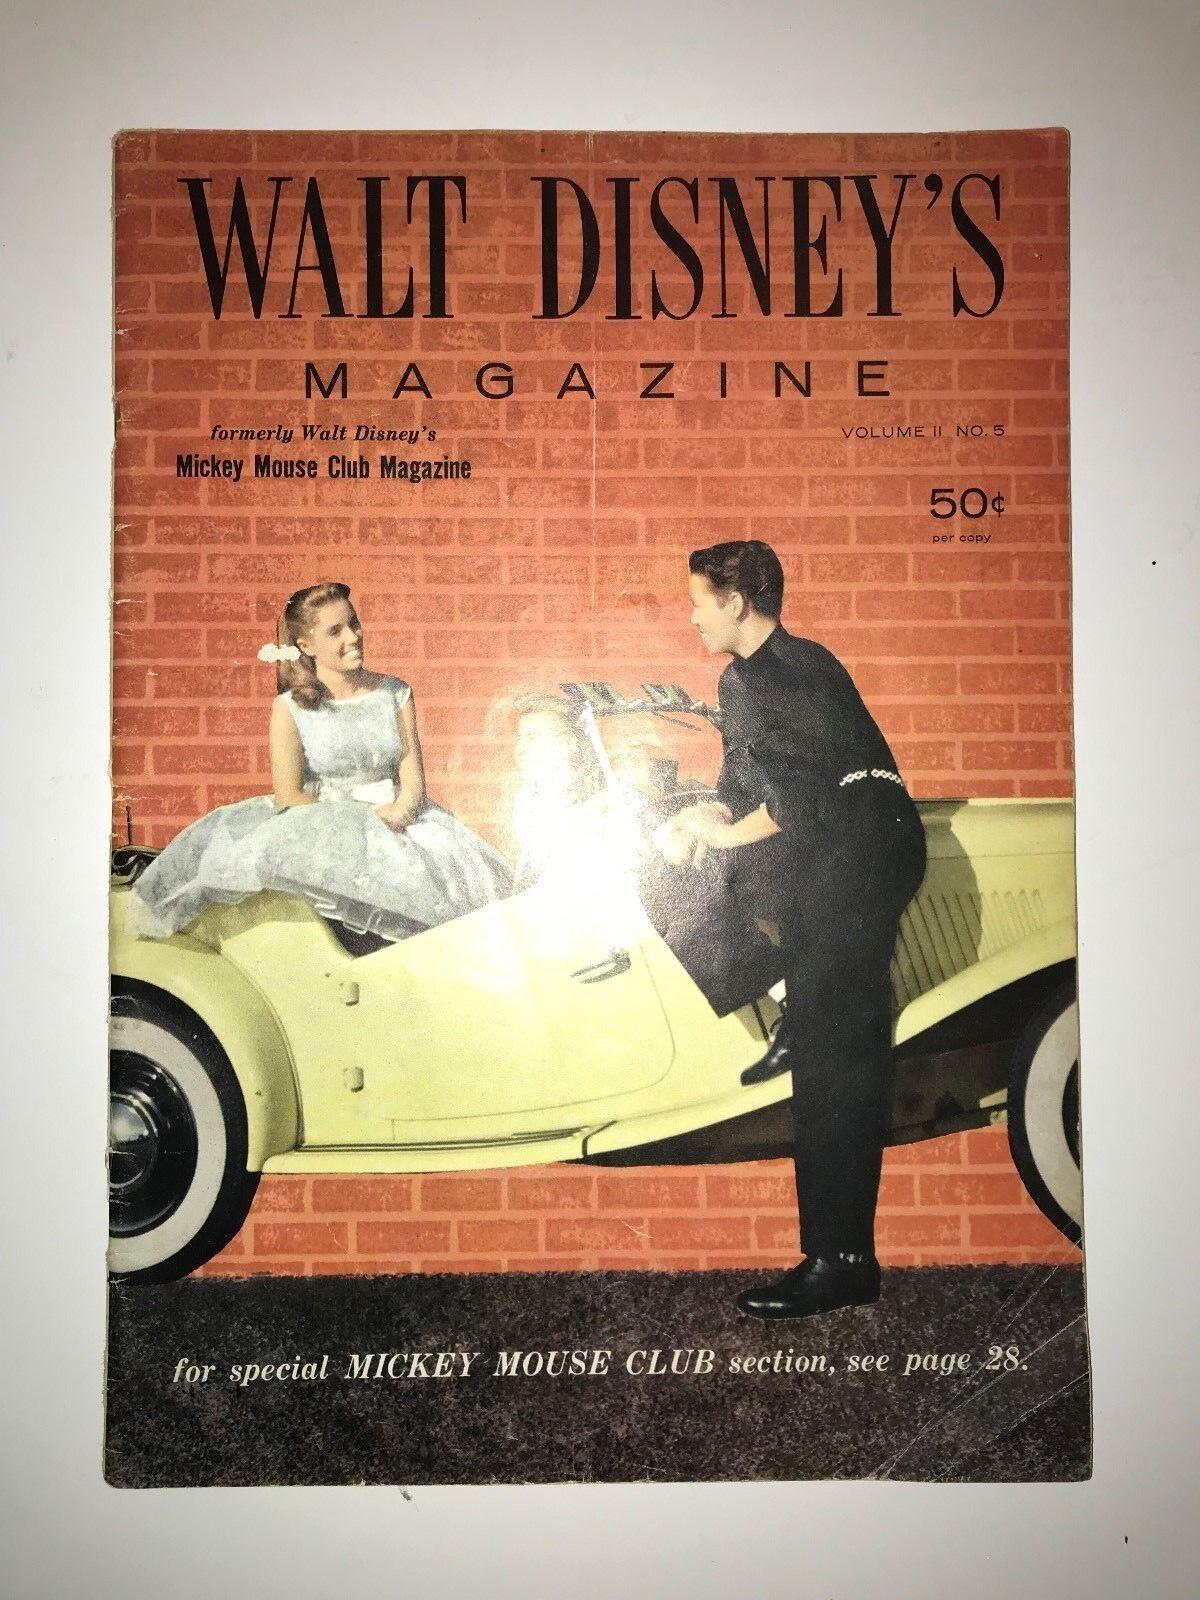 1957 Walt Disney's Magazine Volume II and III